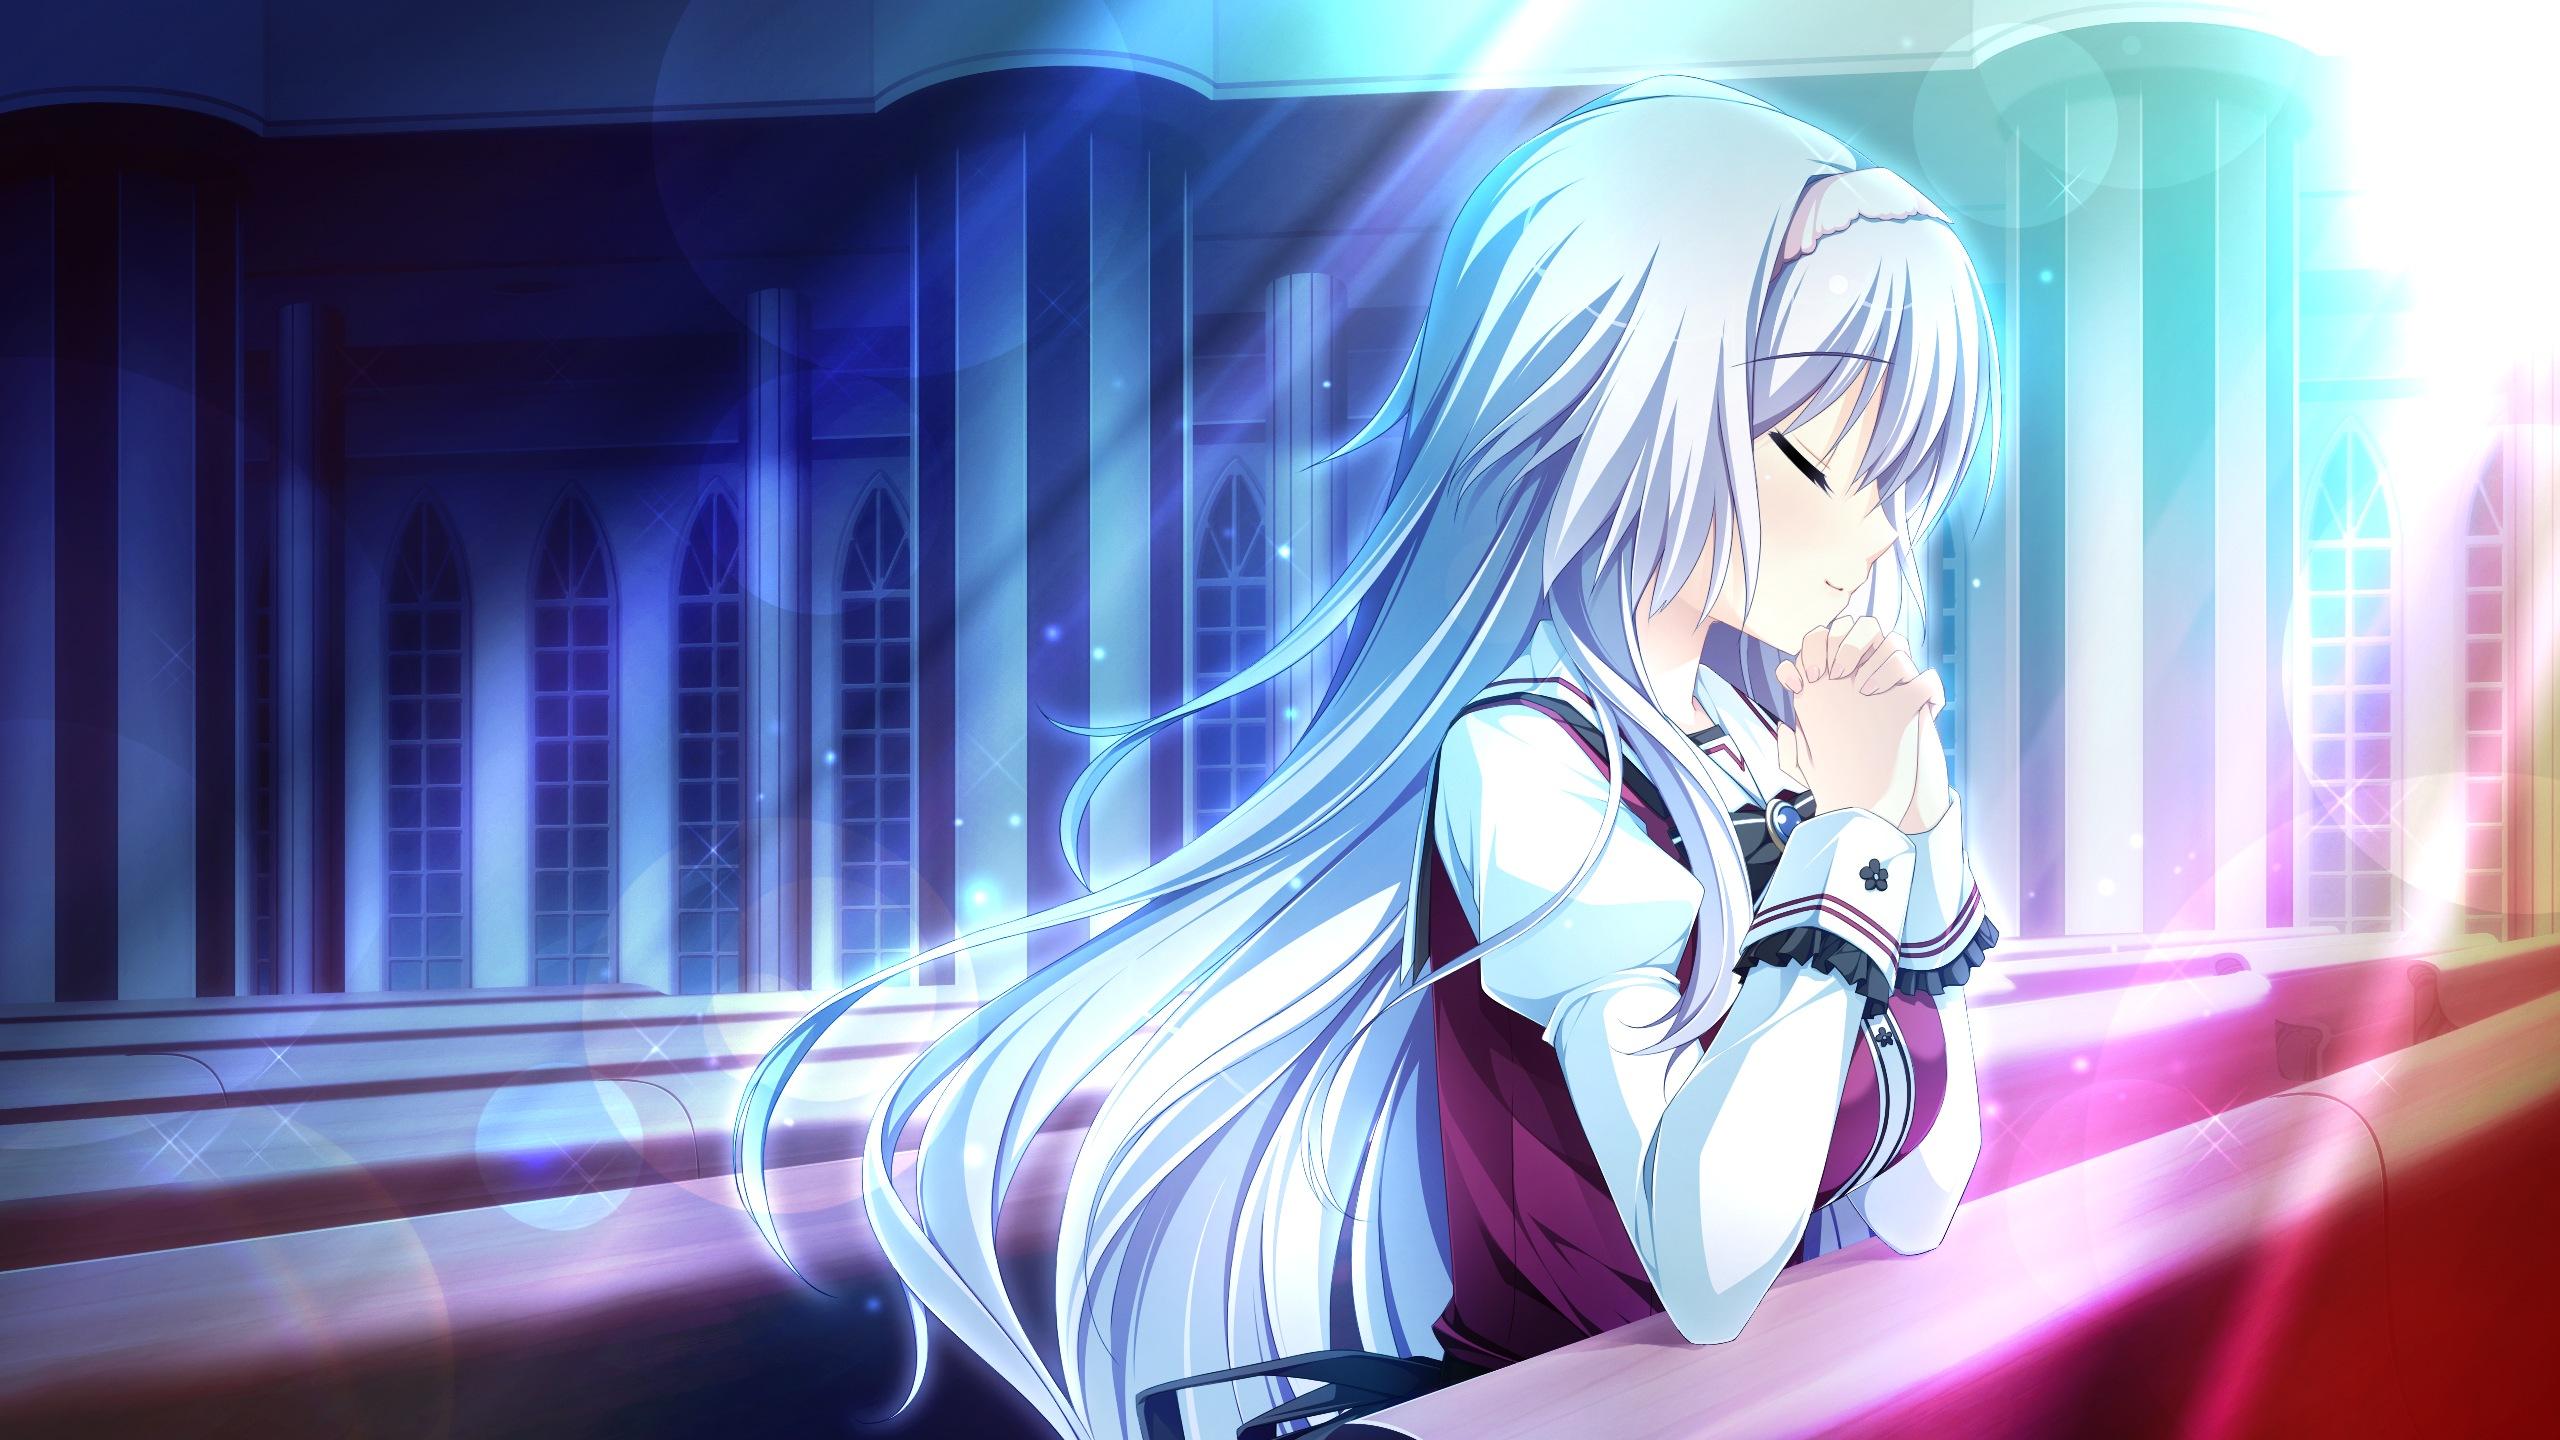 Otome ga Tsumugu Koi no Canvas girl anime prayer